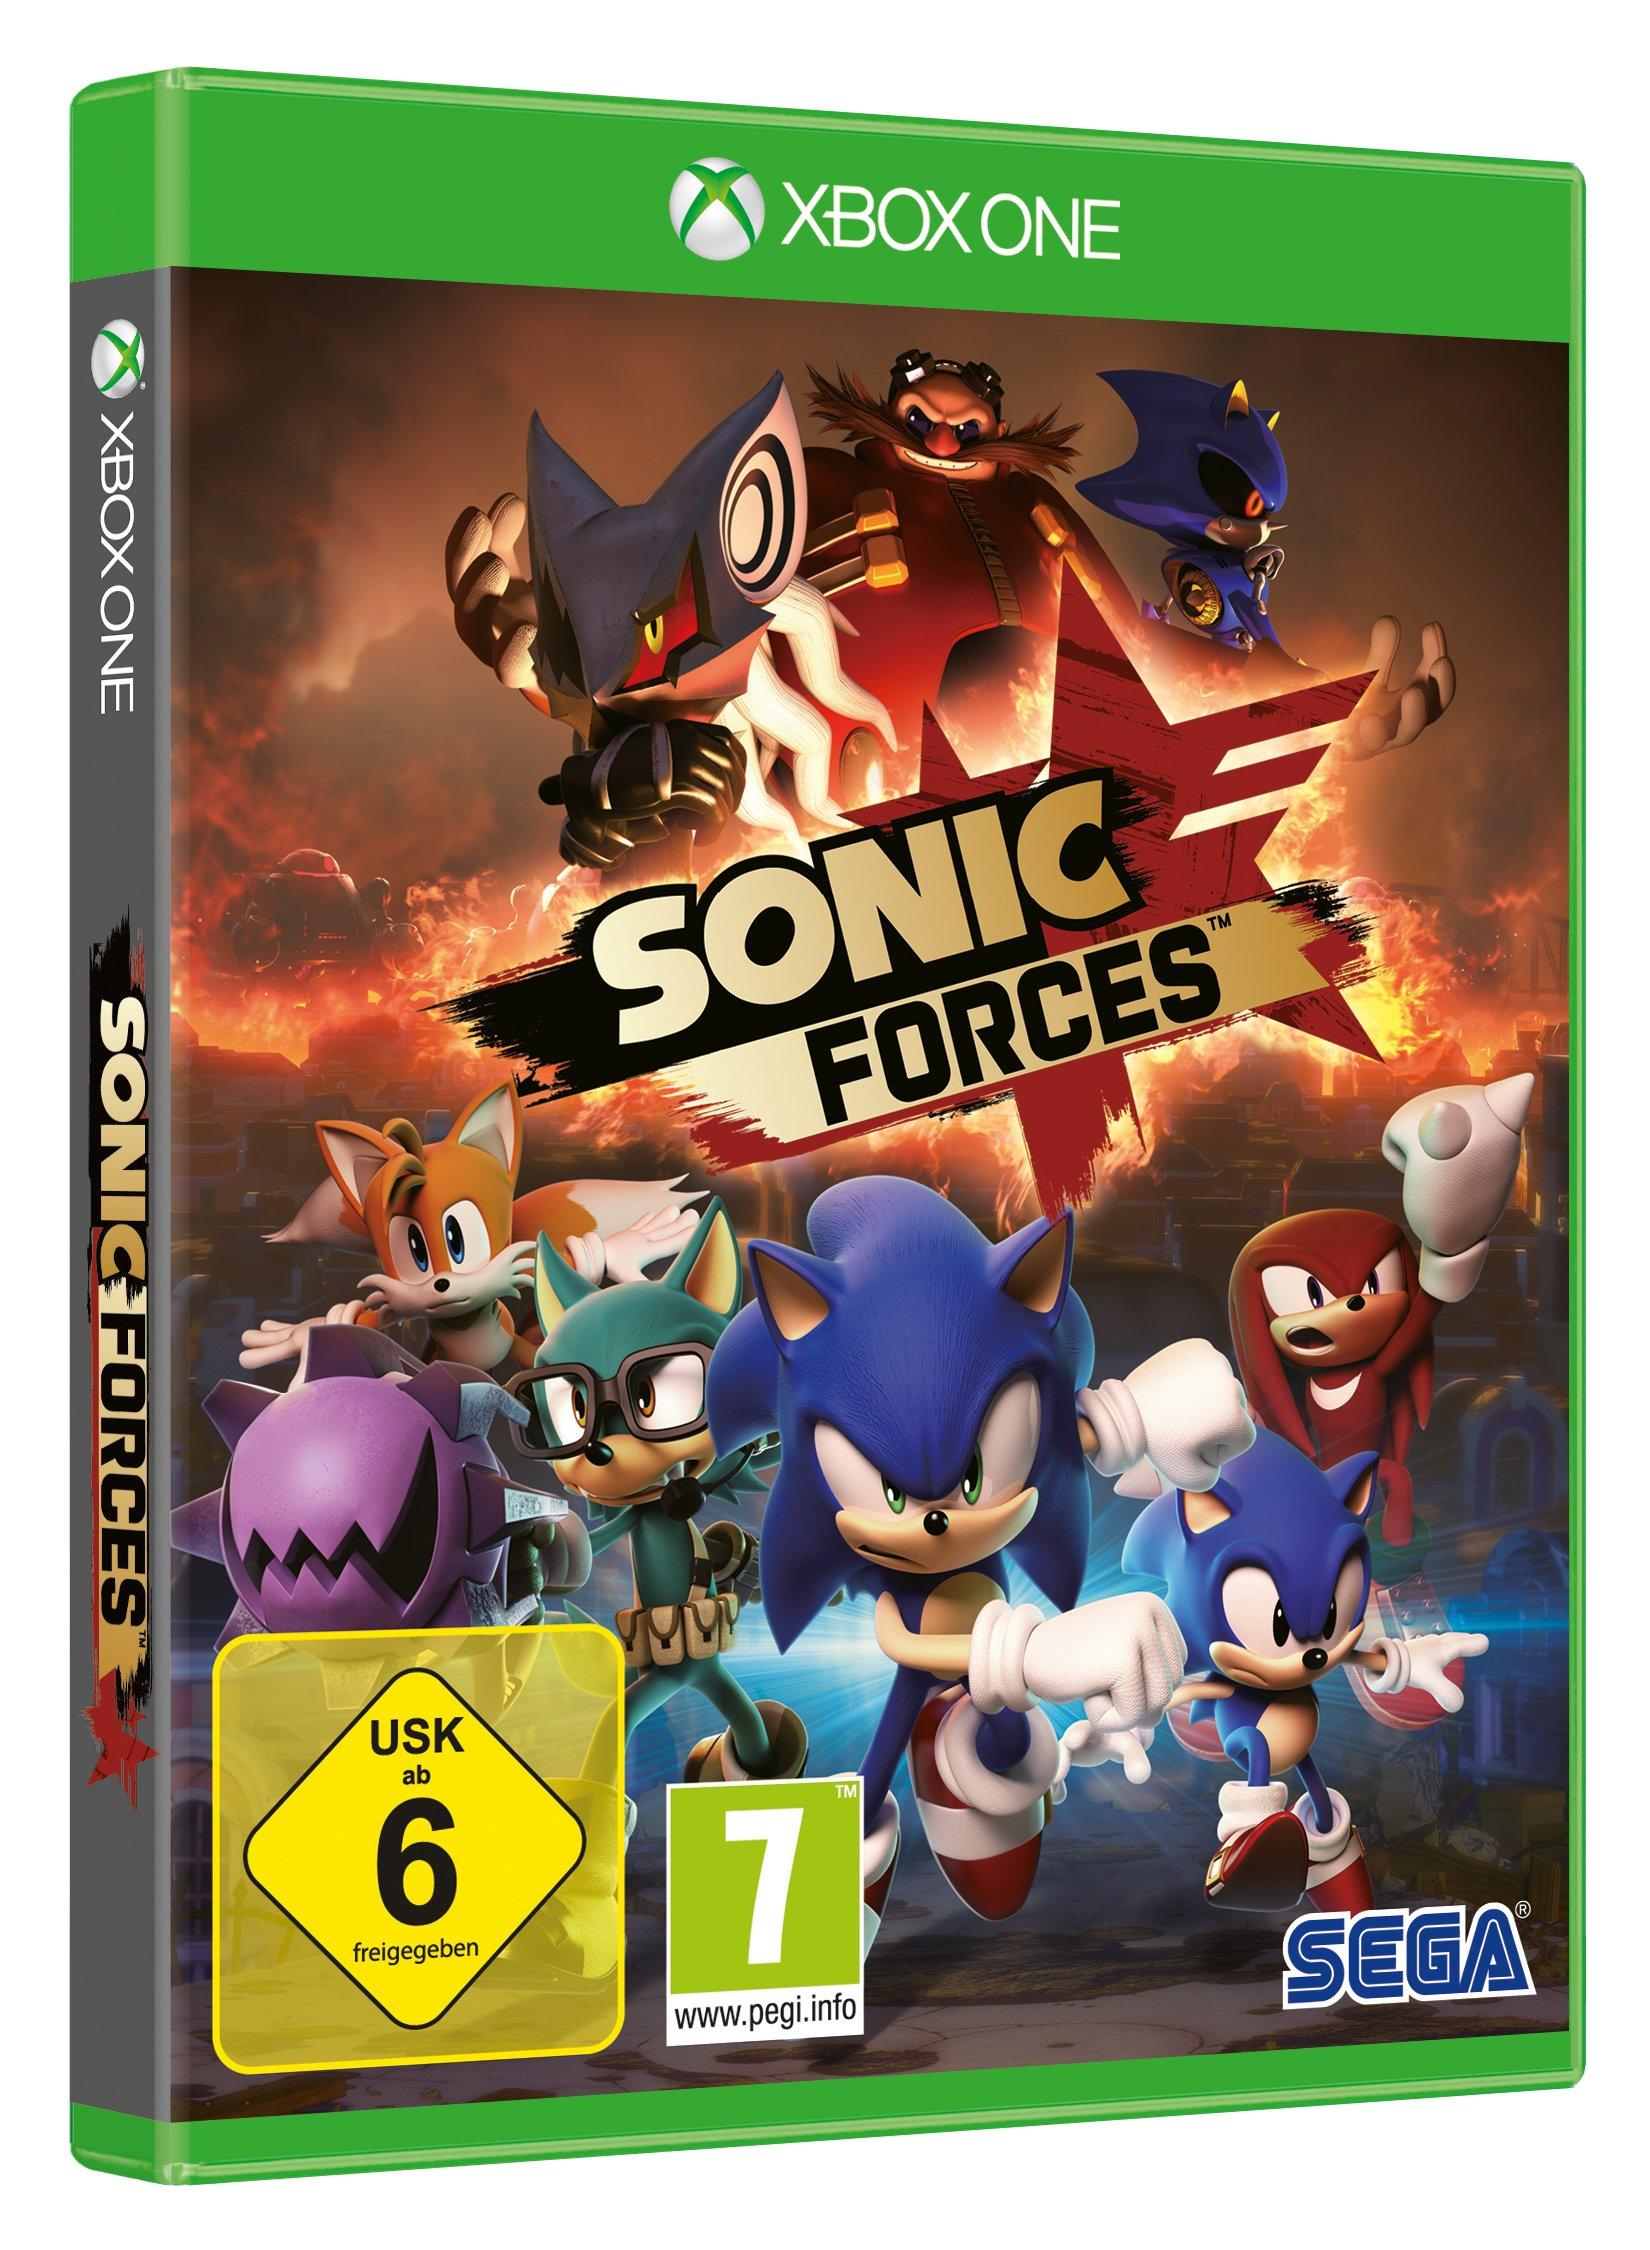 Sonic Forces (XBox ONE) (edición alemana): Amazon.es: Videojuegos